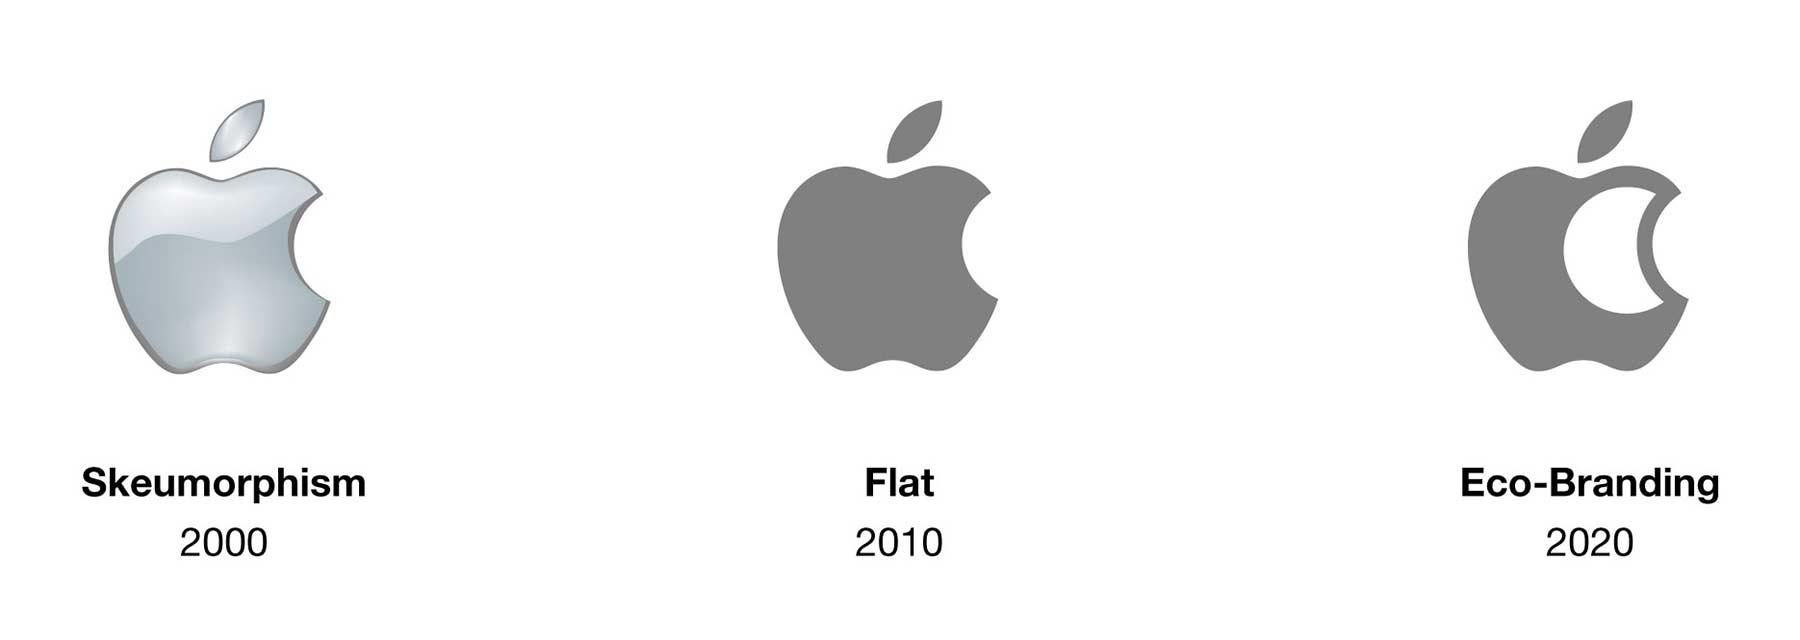 Reduzierte Markenlogos zur Einsparung von Druckertinte ecobranding-logos_02